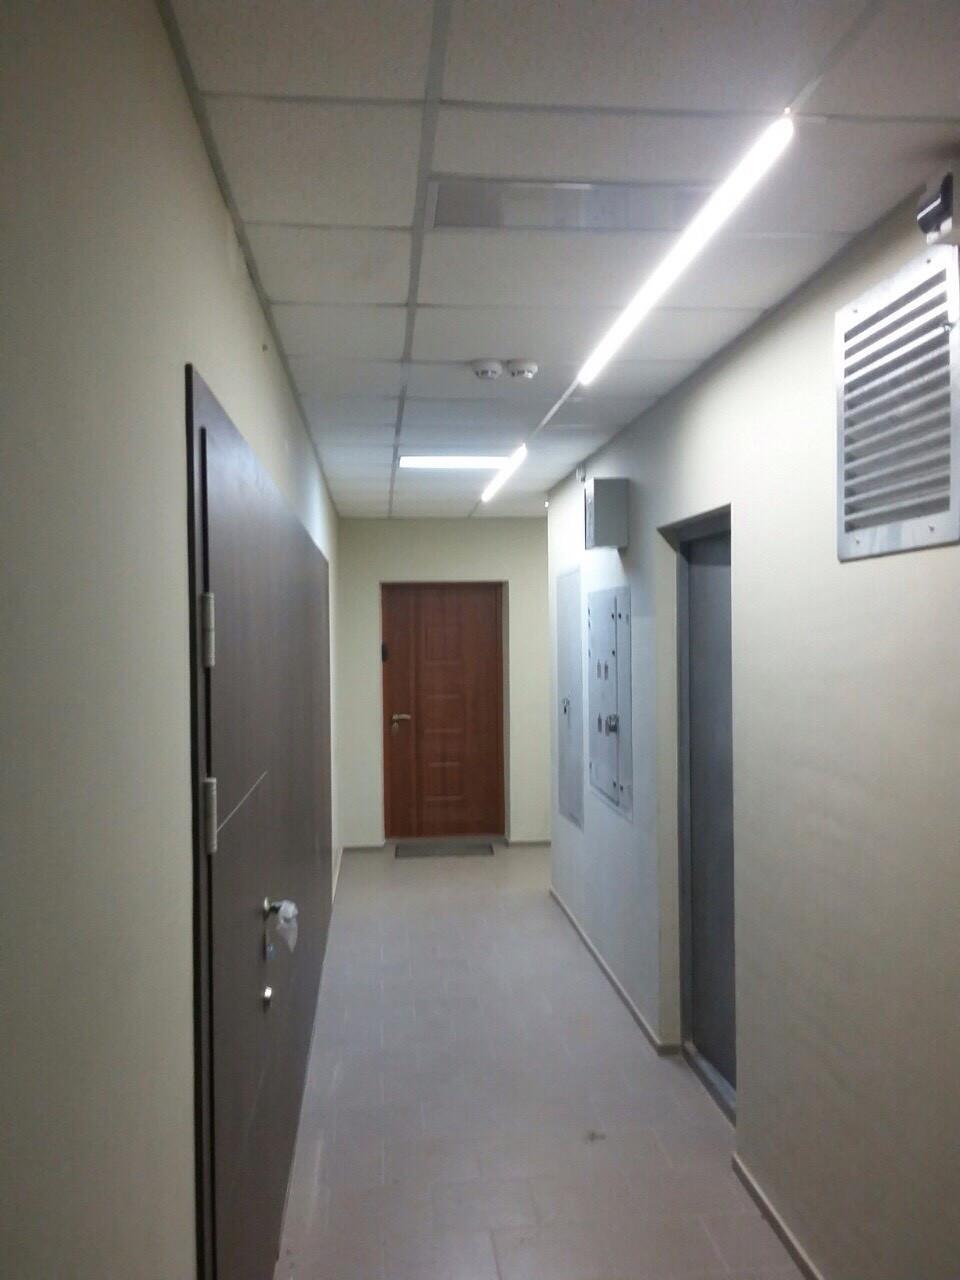 Линейный светодиодный светильник LS35,LS18 рассеянного света. LED светильник. Светодиодный светильник.